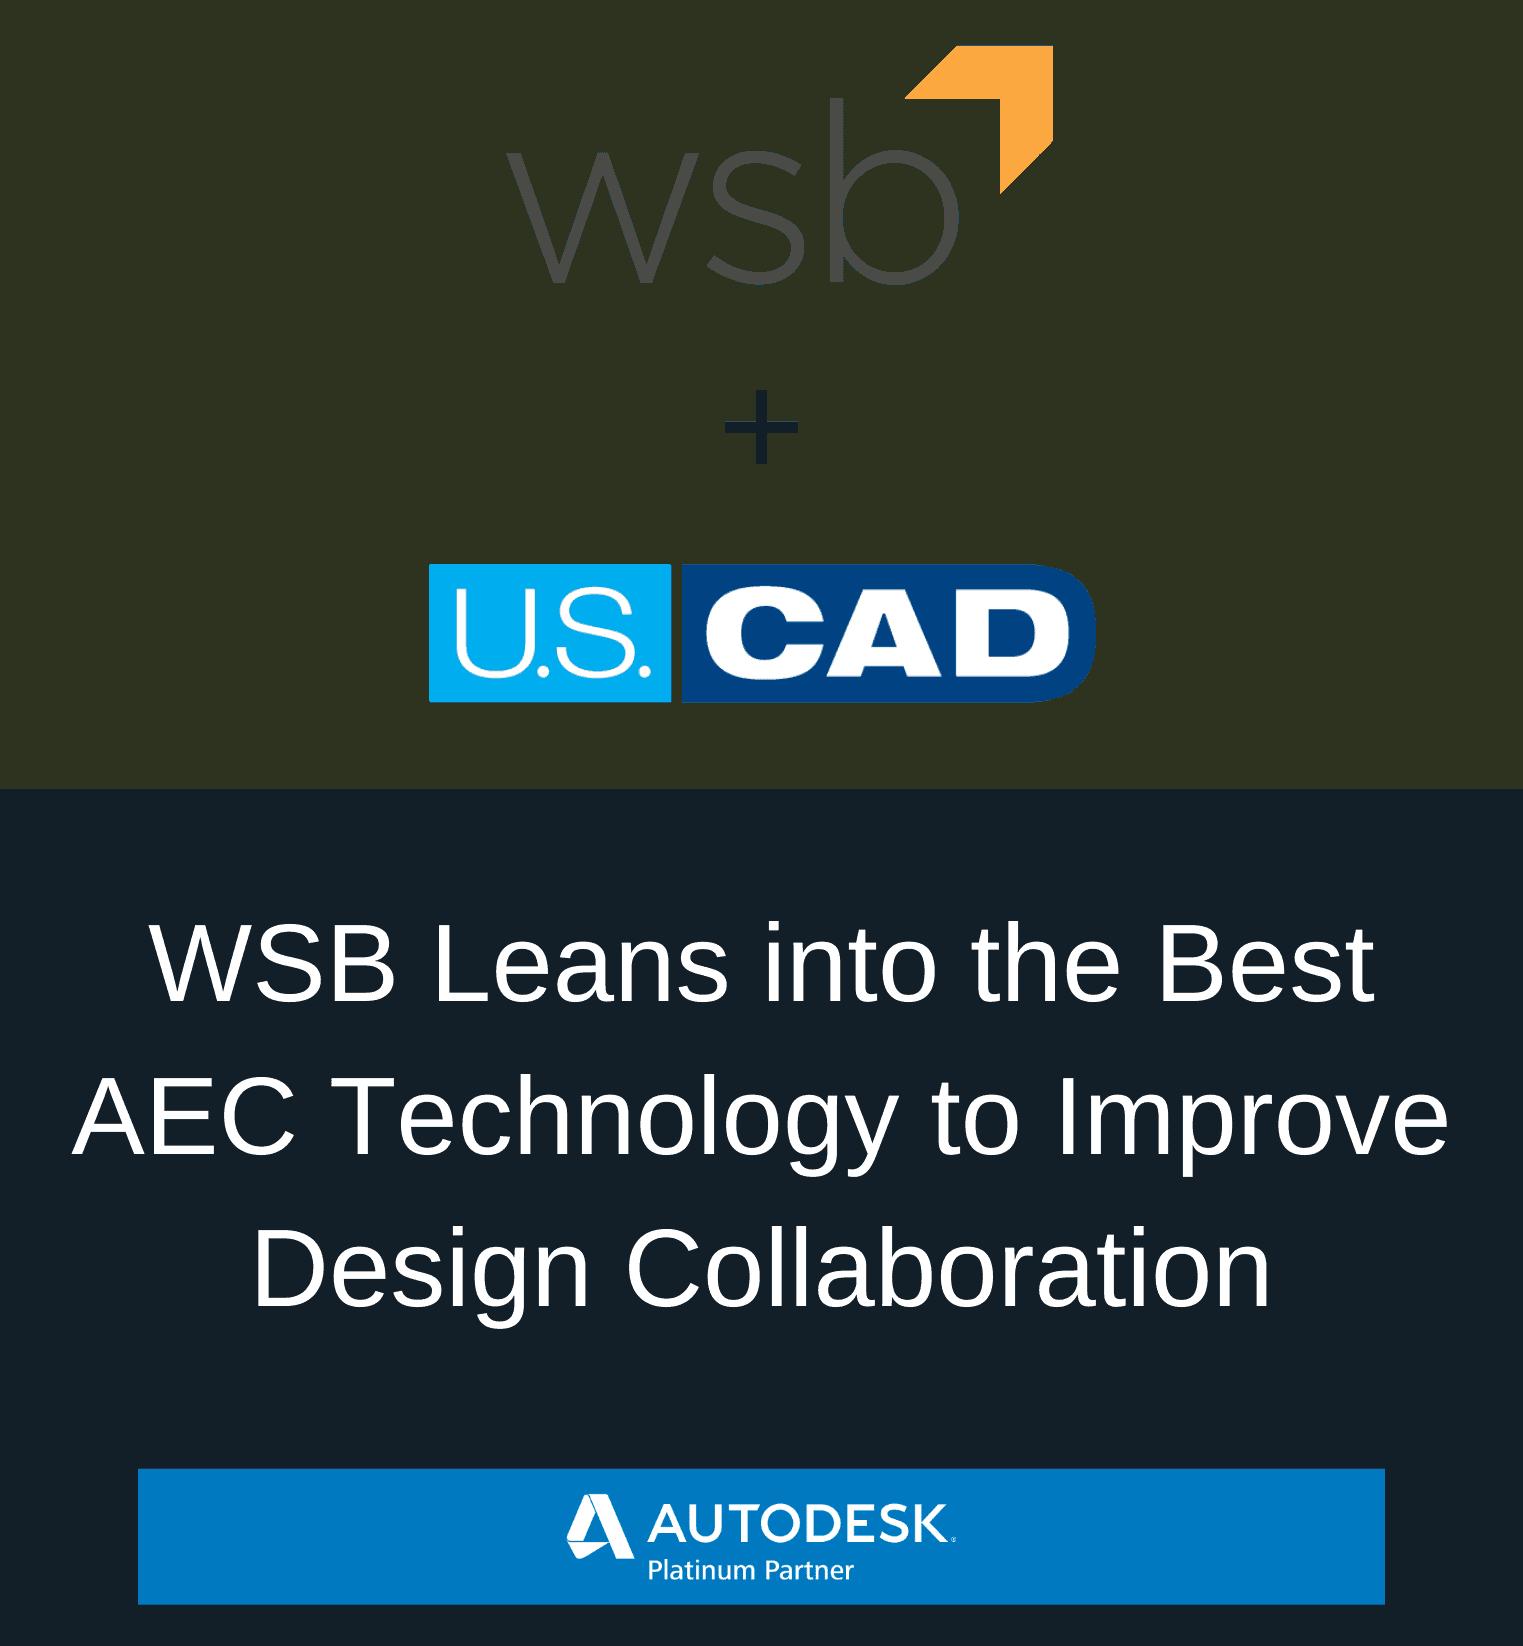 WSB CS - 1523px x 1646px